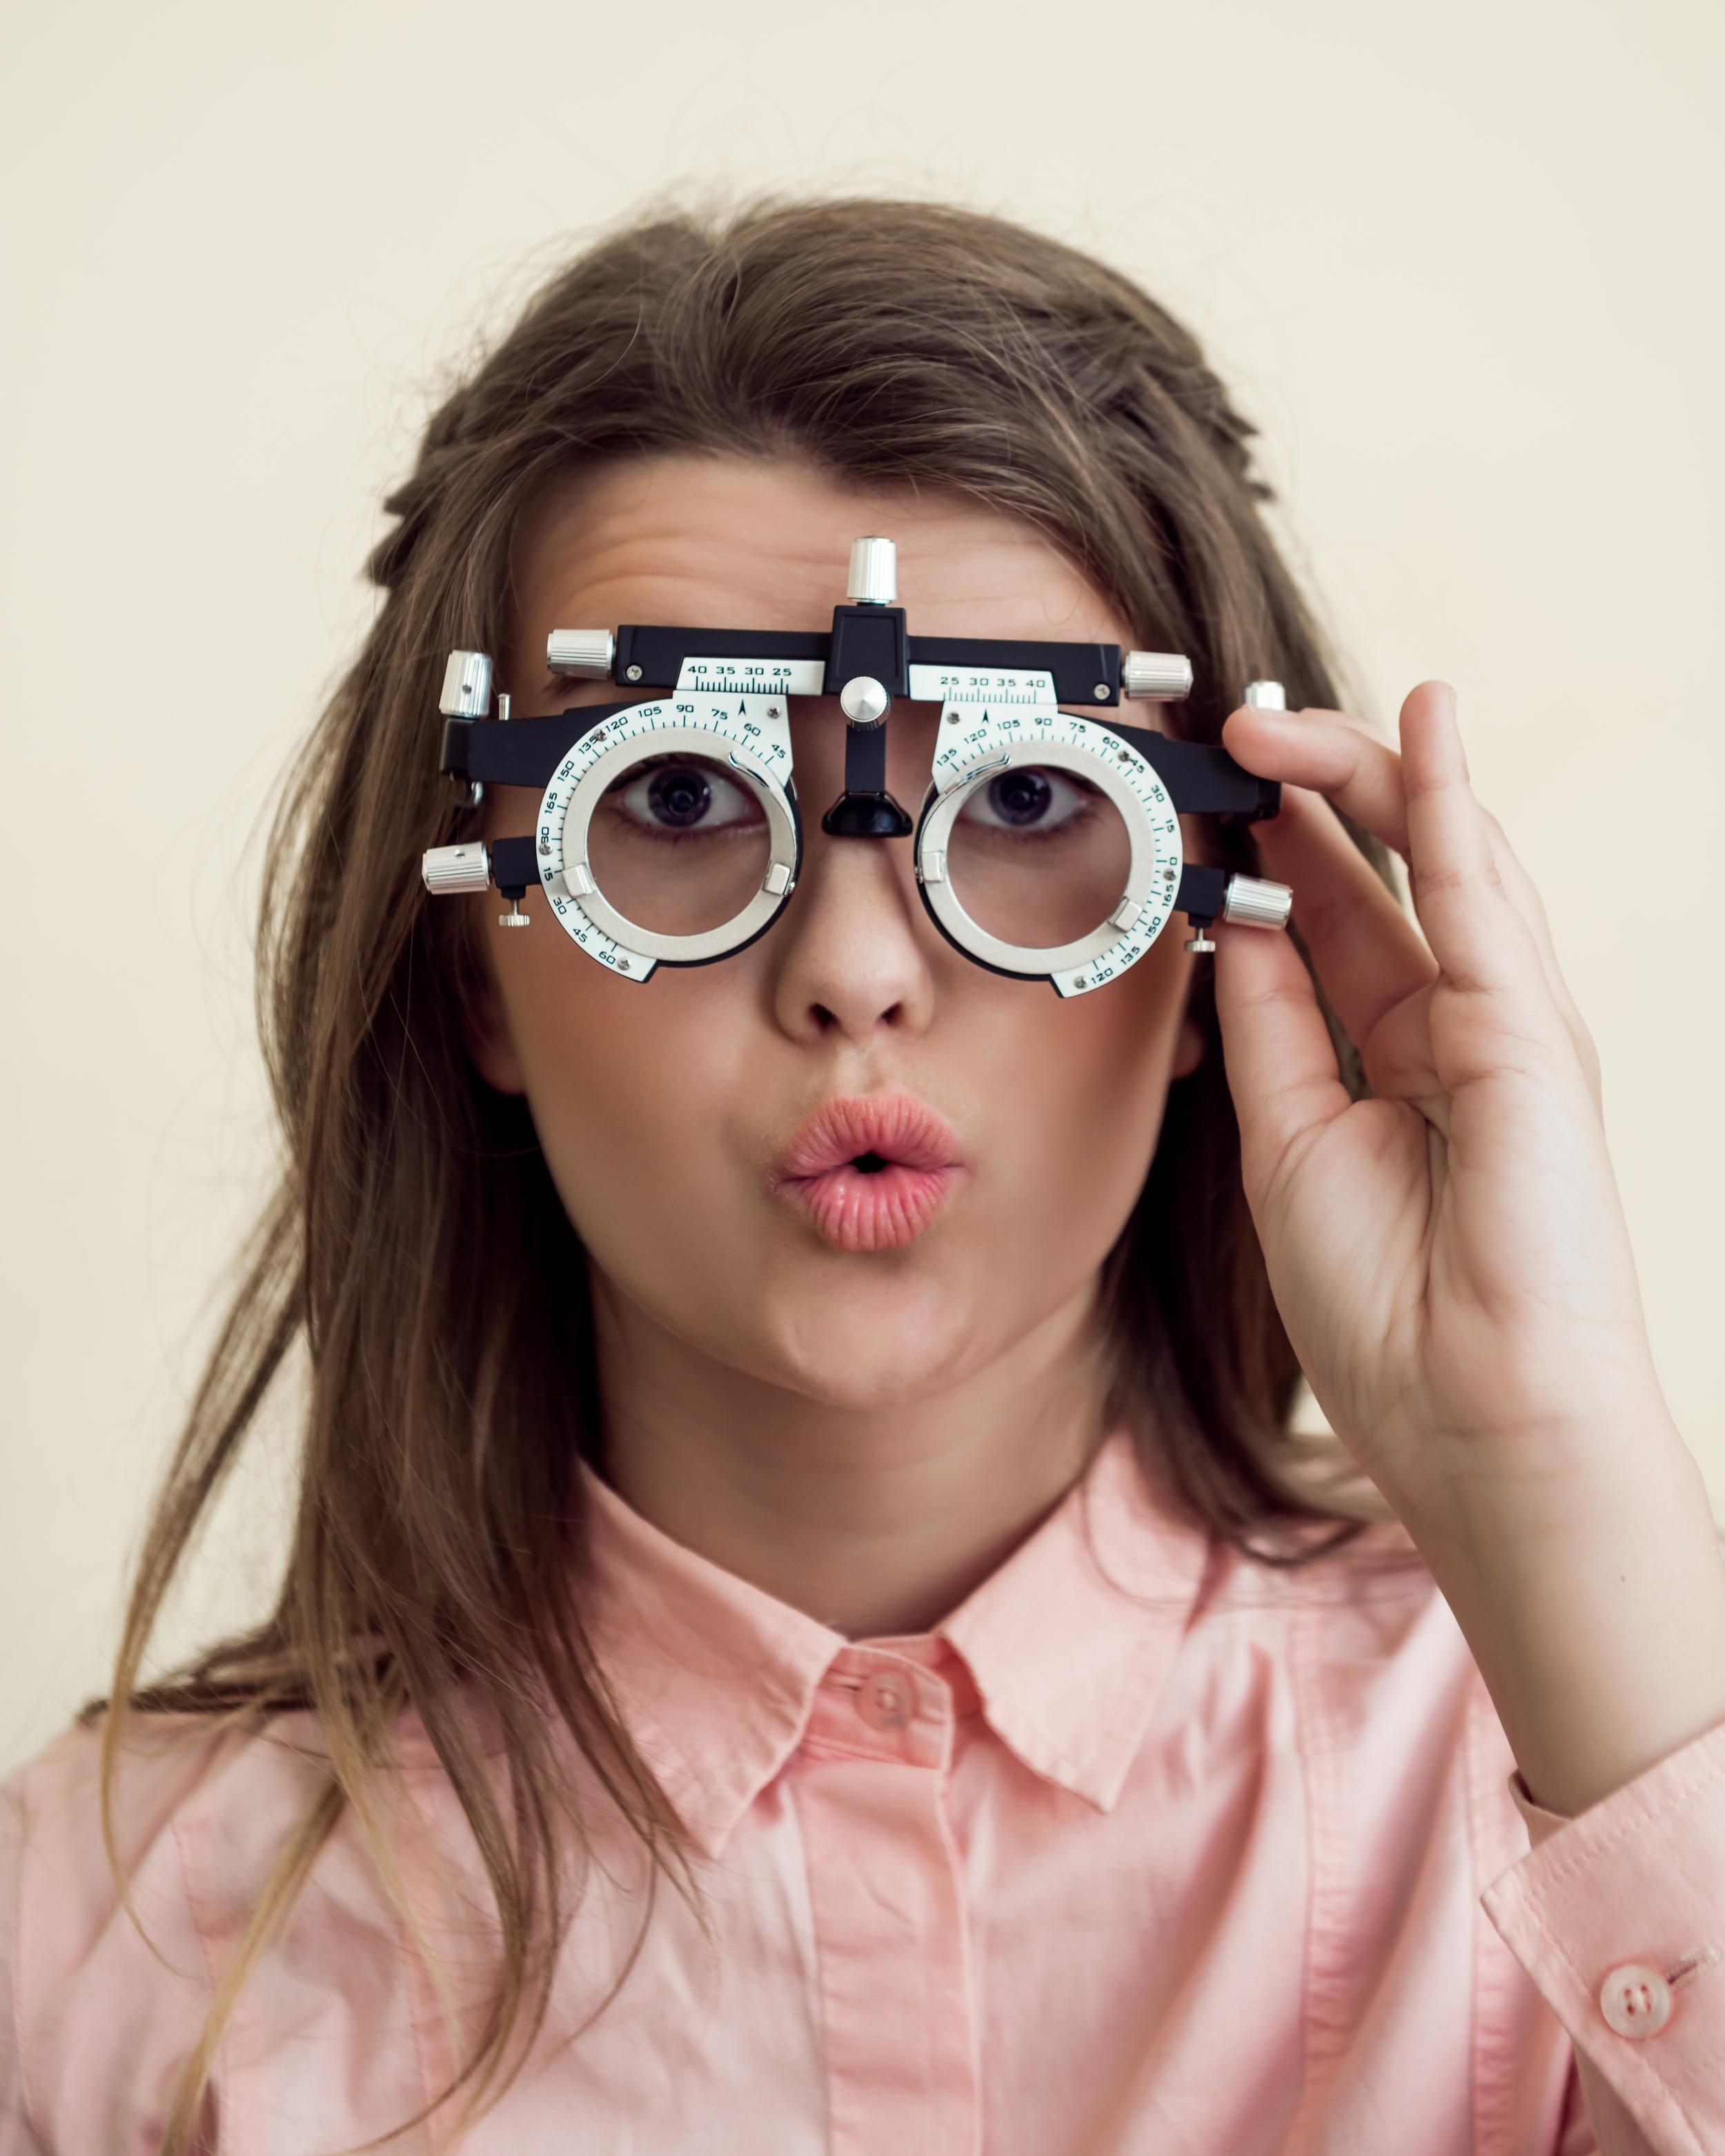 eye-exams-near-me.jpg